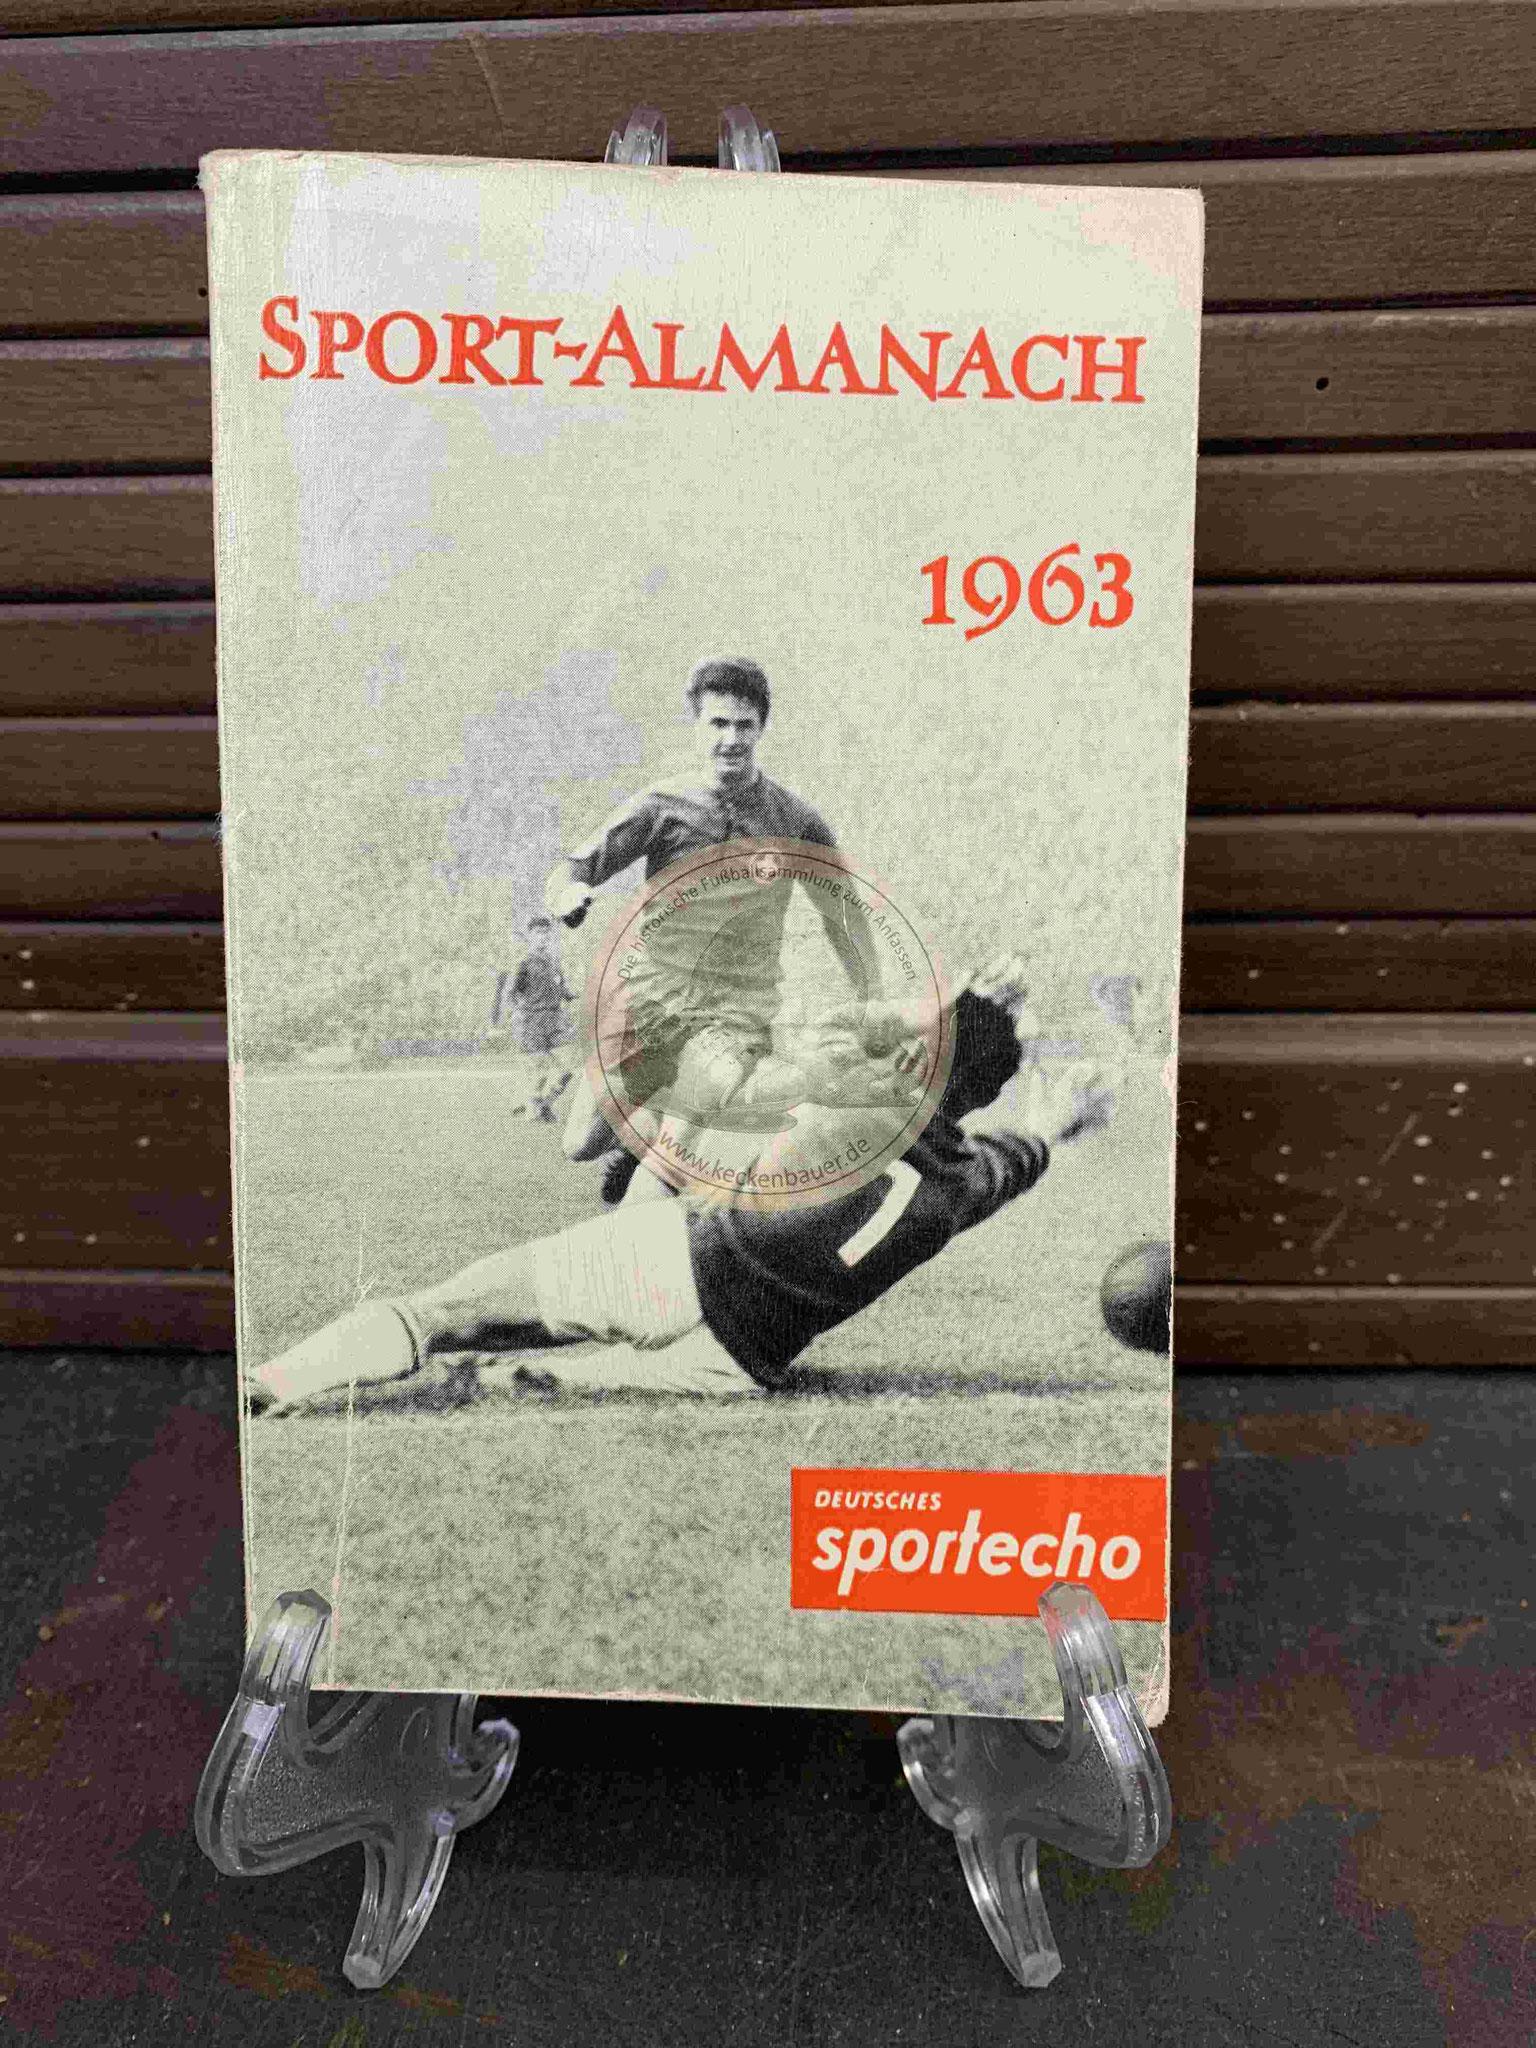 Sport Almanach vom Deutschen Sportecho aus dem Jahr 1963